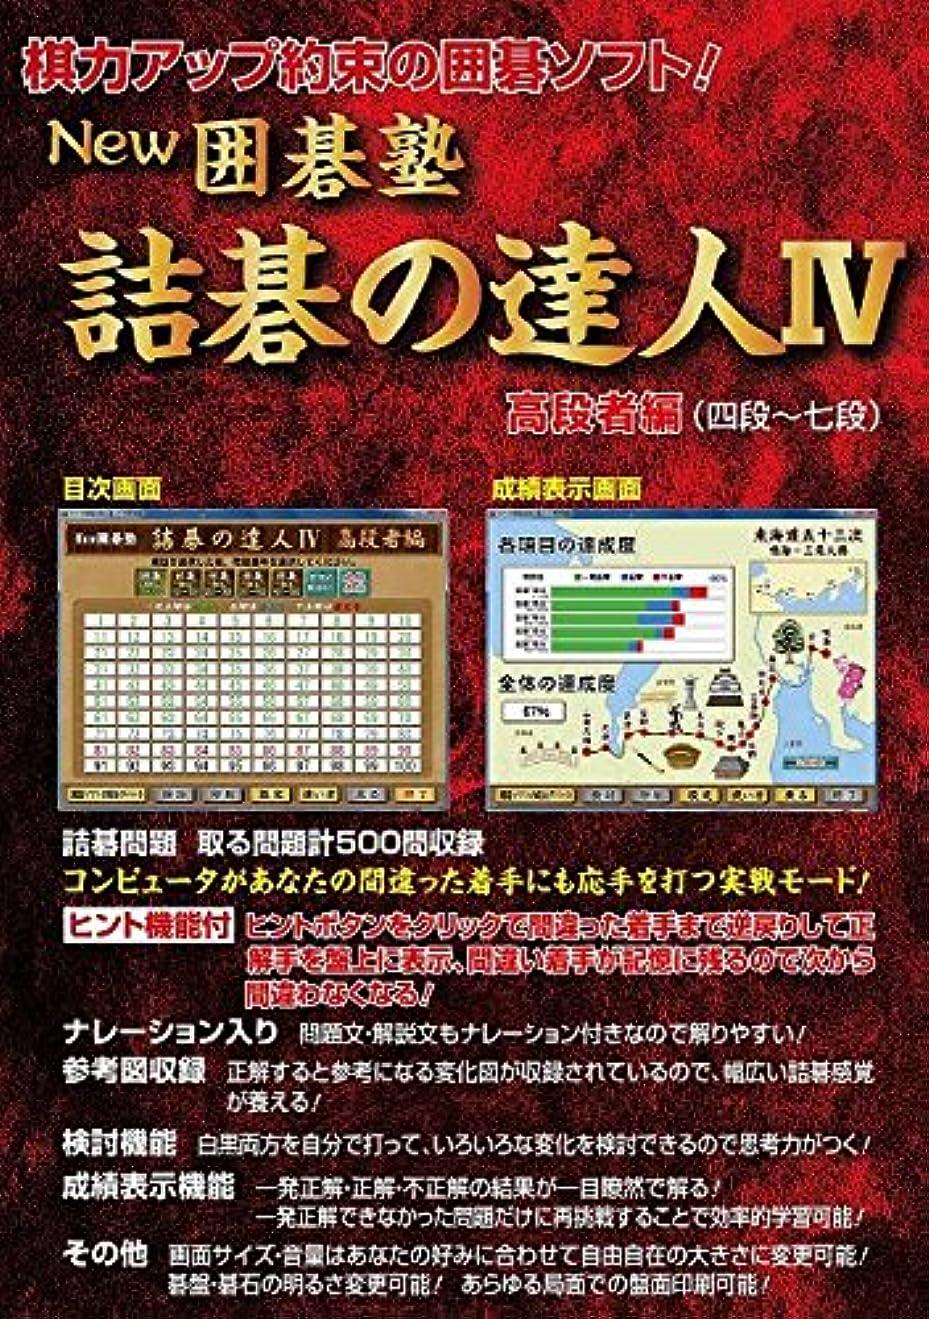 秀でる豚肉バイバイNEW 囲碁塾 詰碁の達人IV 高段者編